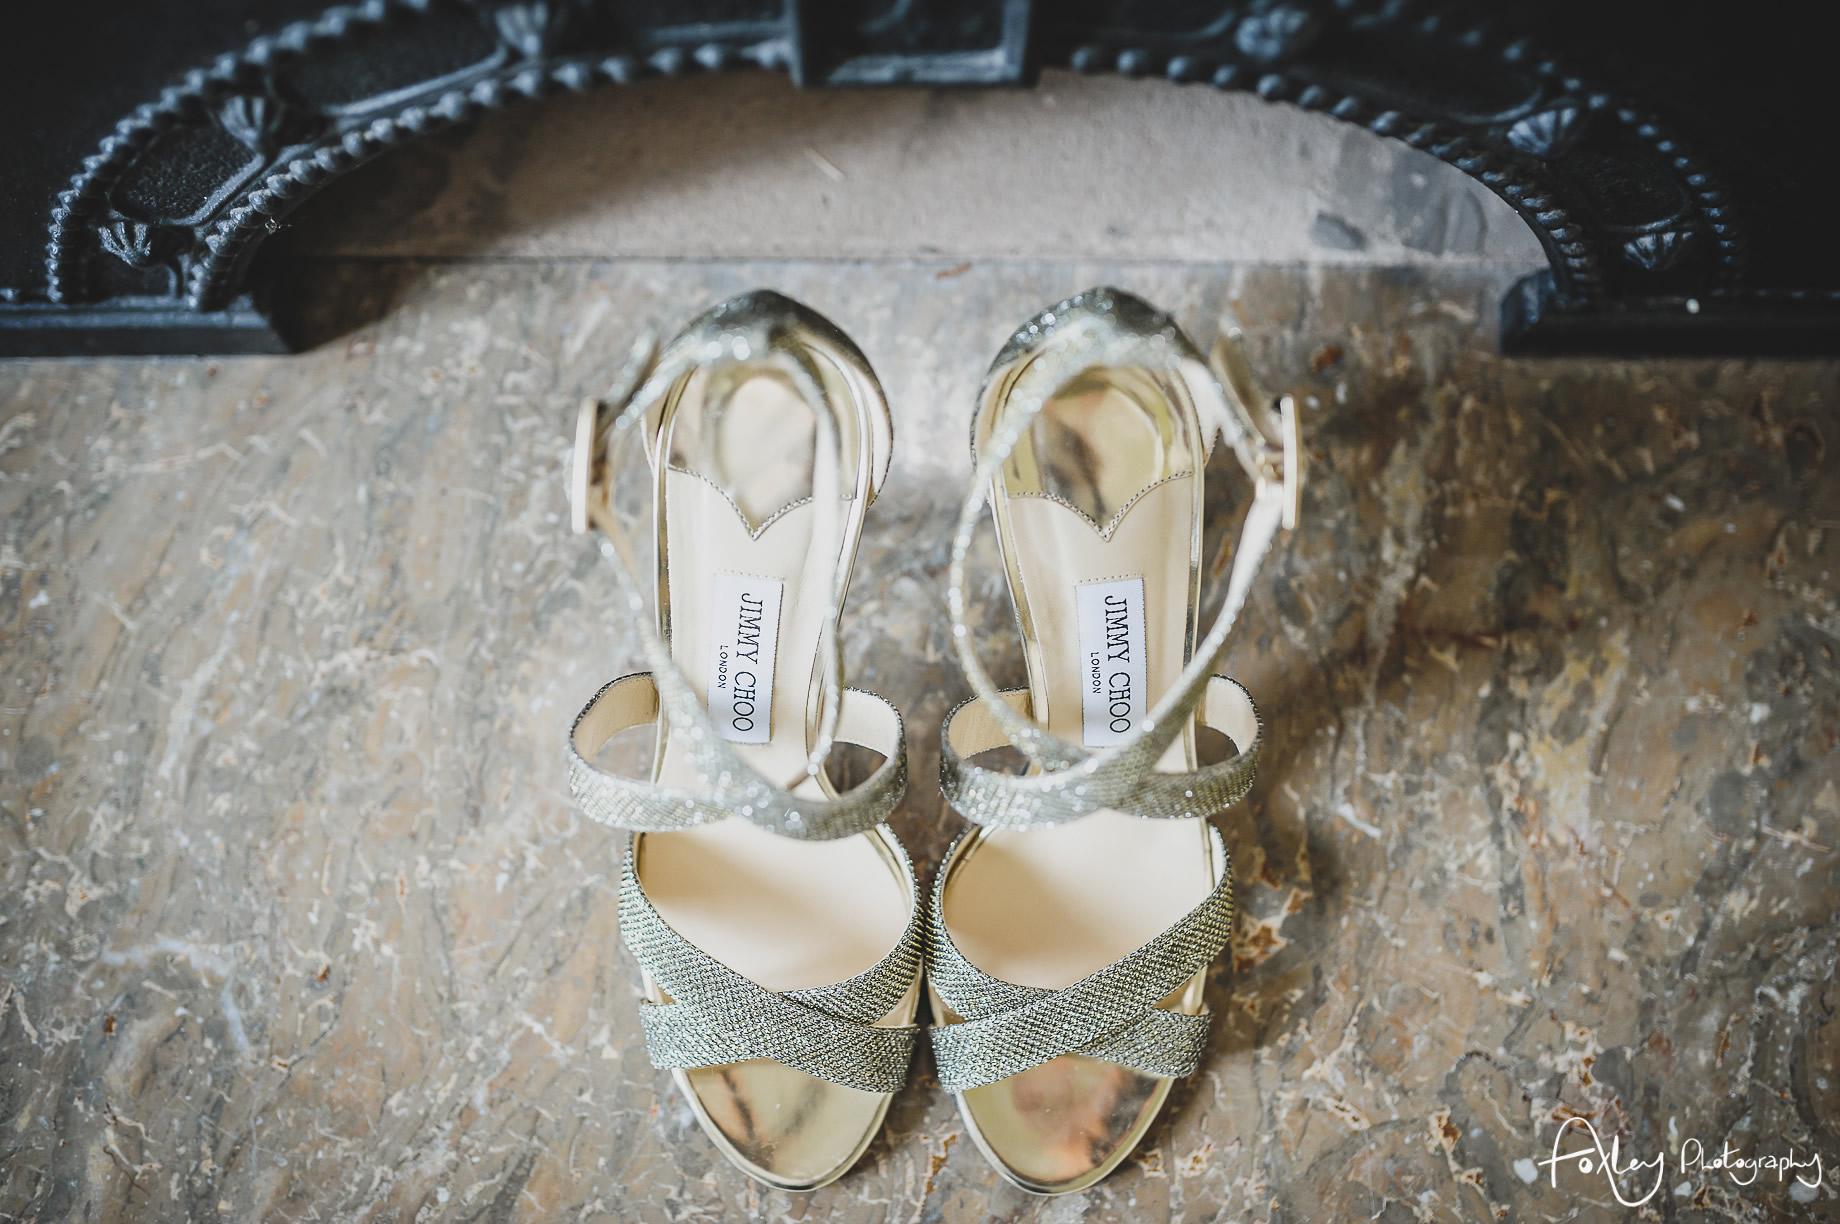 Simona-and-Robert-Wedding-at-Colshaw-Hall-002